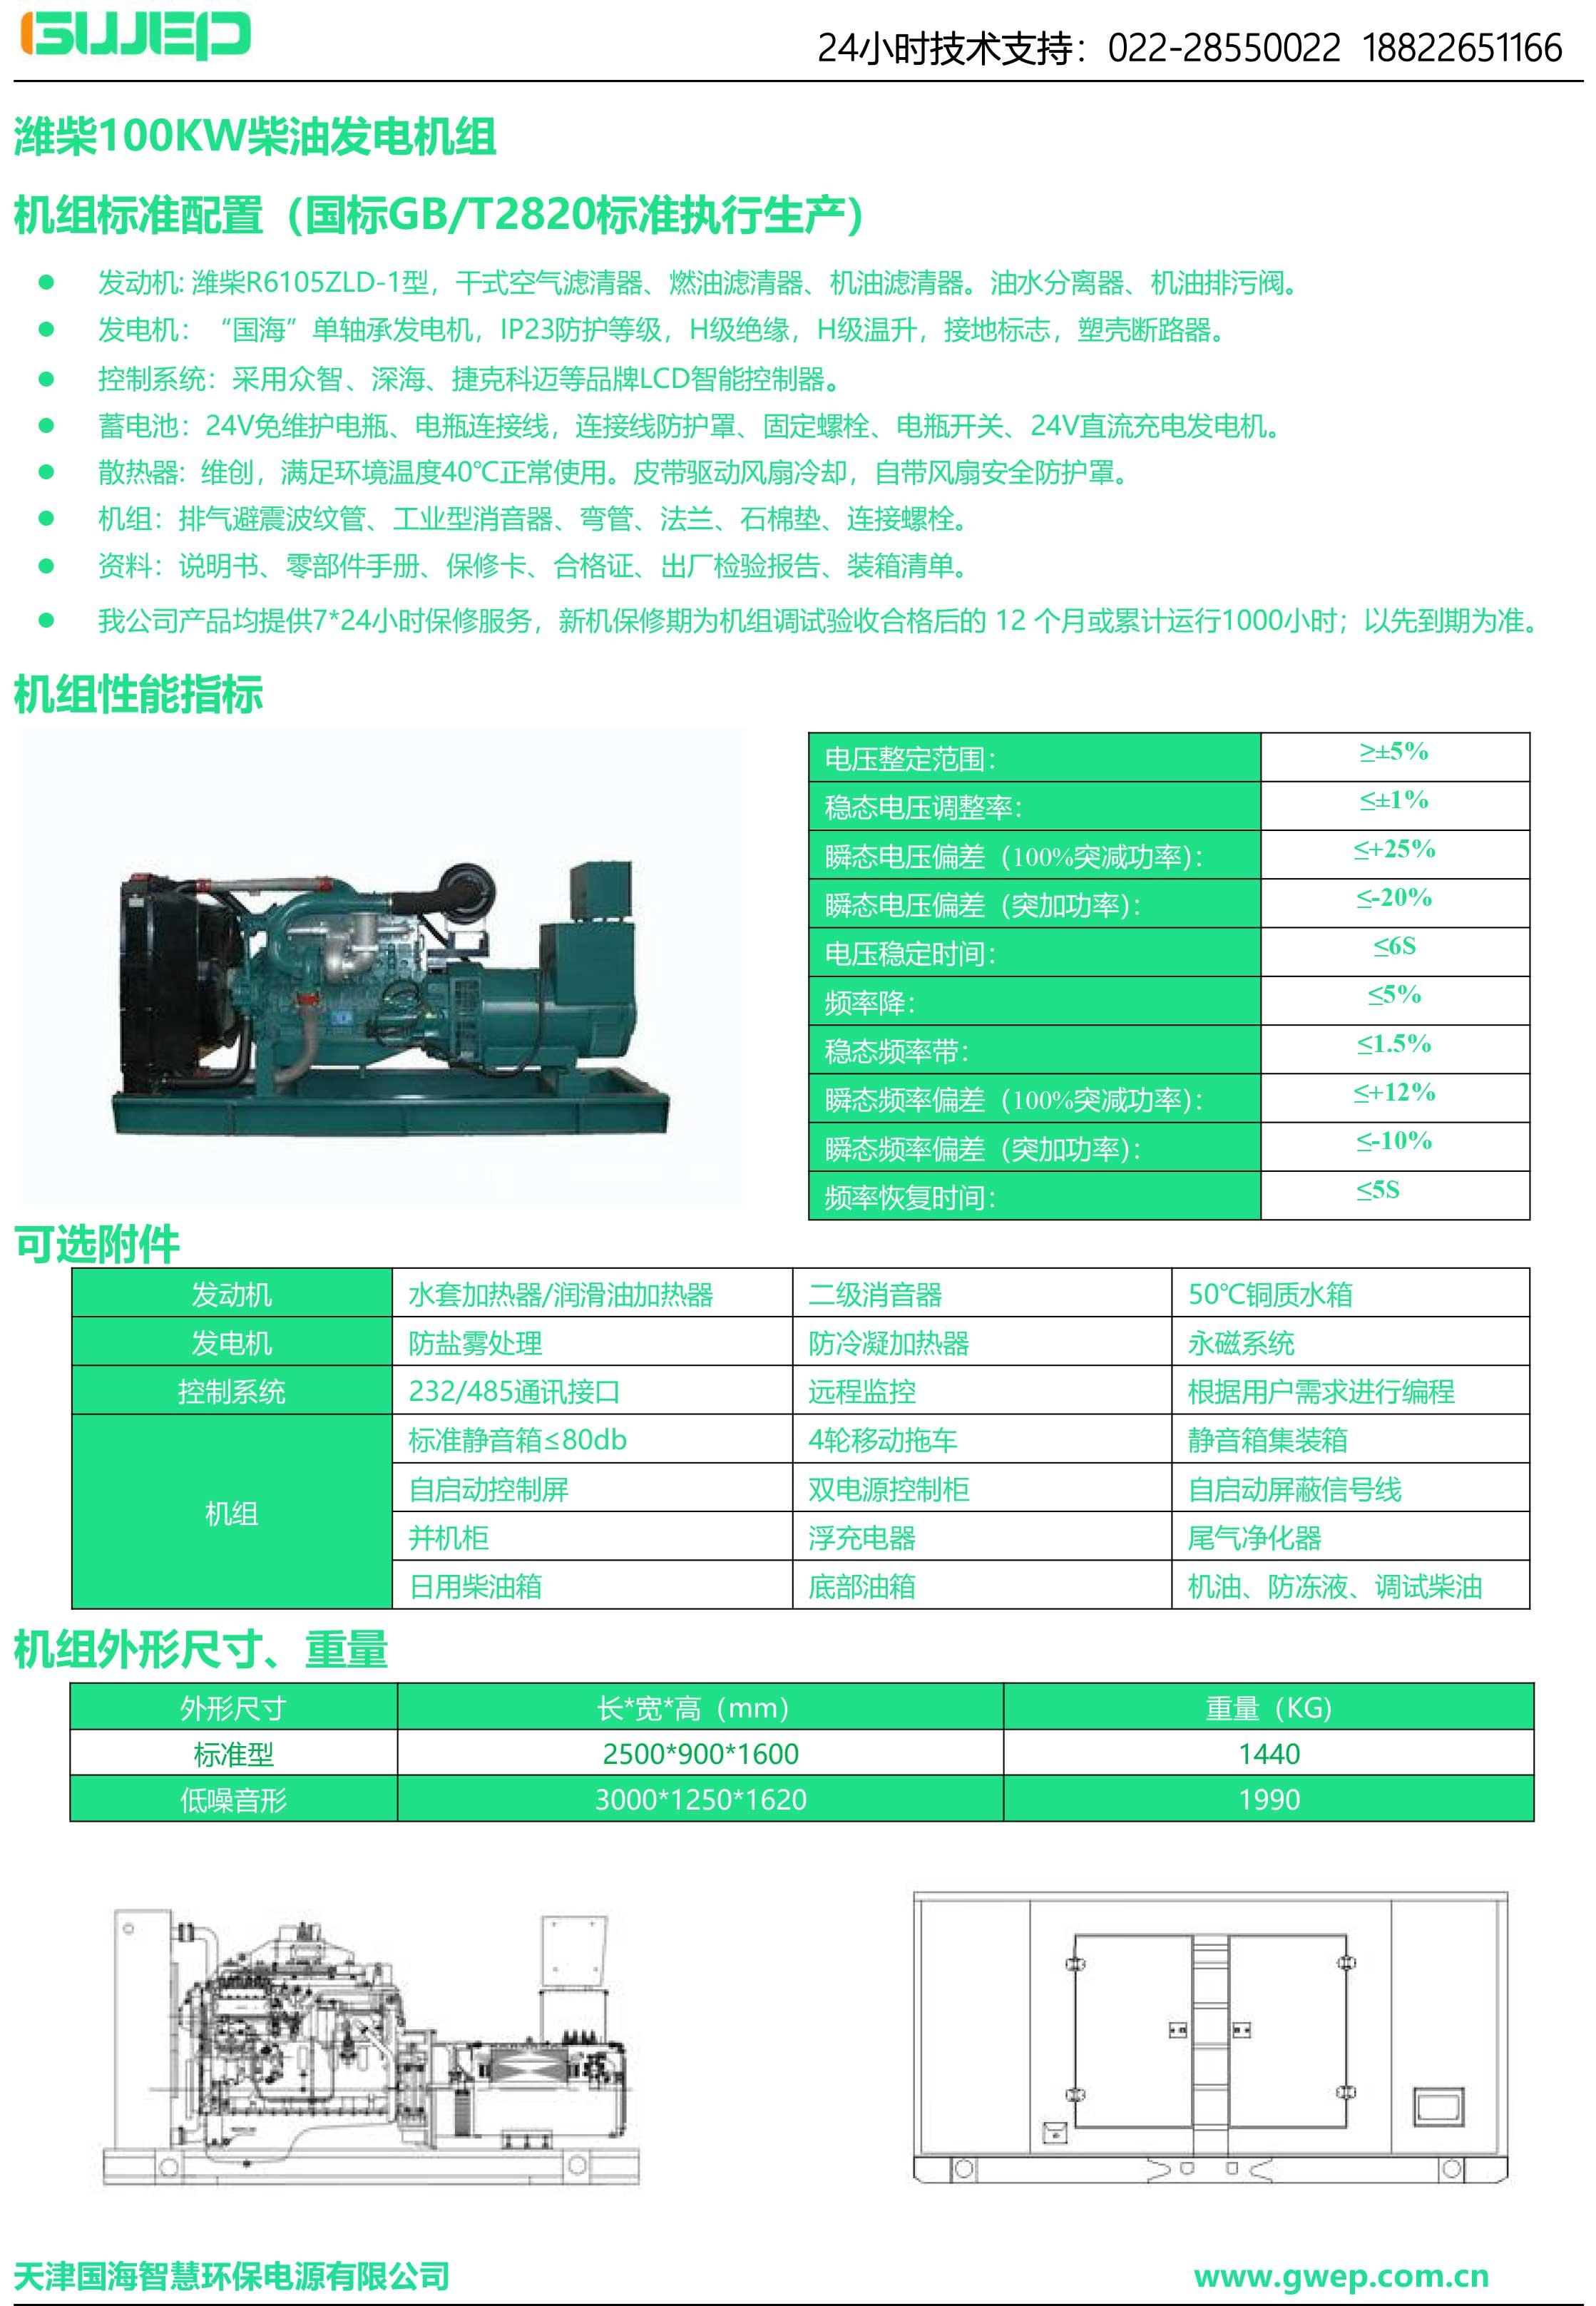 濰柴100KW發電機組技術資料-1.jpg